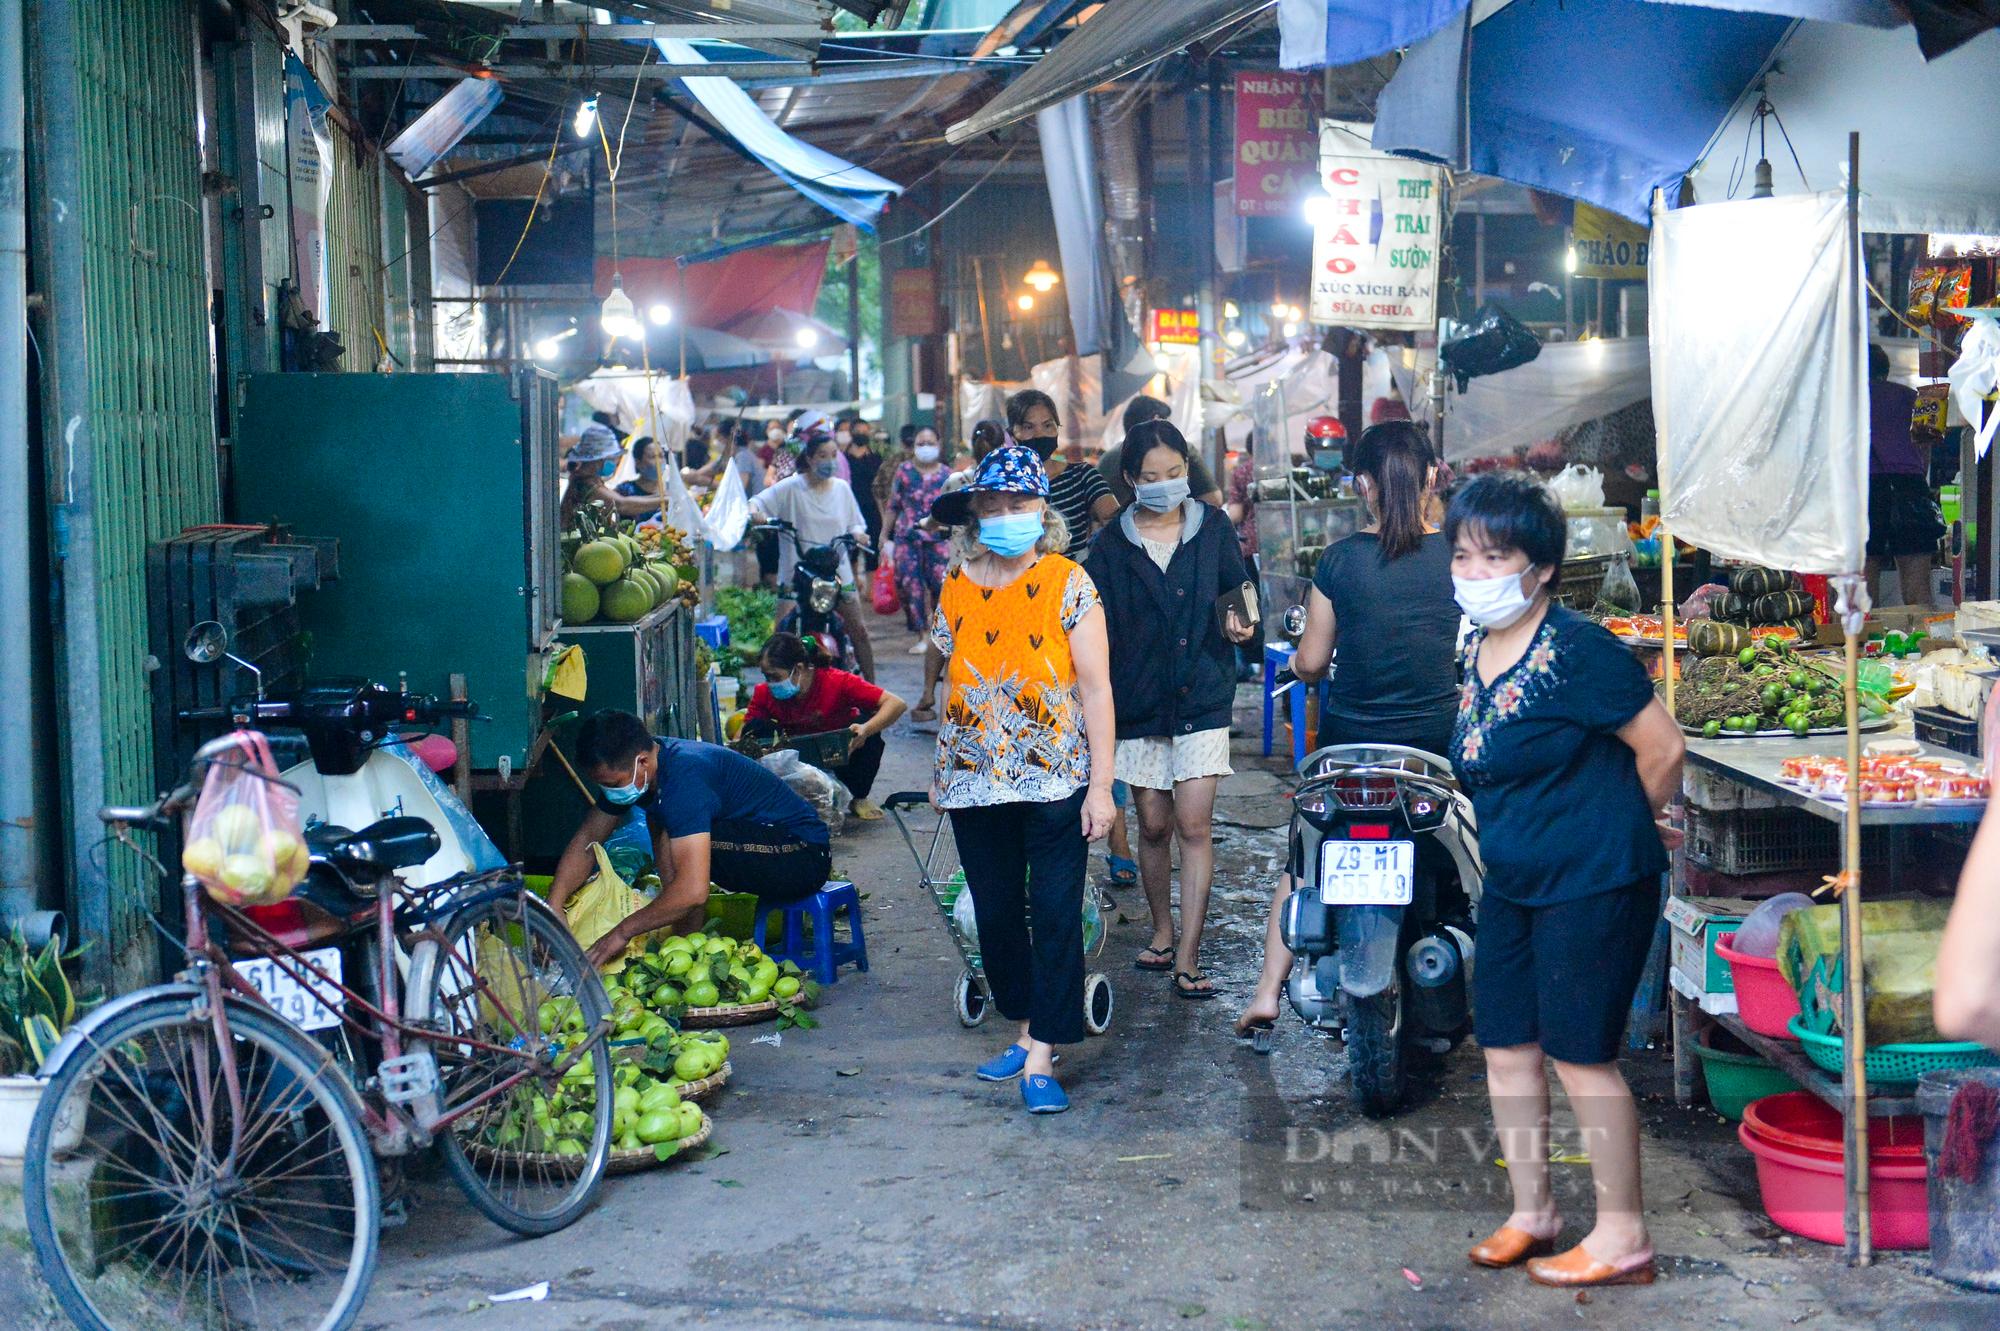 Chợ dân sinh ở Hà Nội đông đúc ngày đầu nới lỏng giãn cách - Ảnh 5.